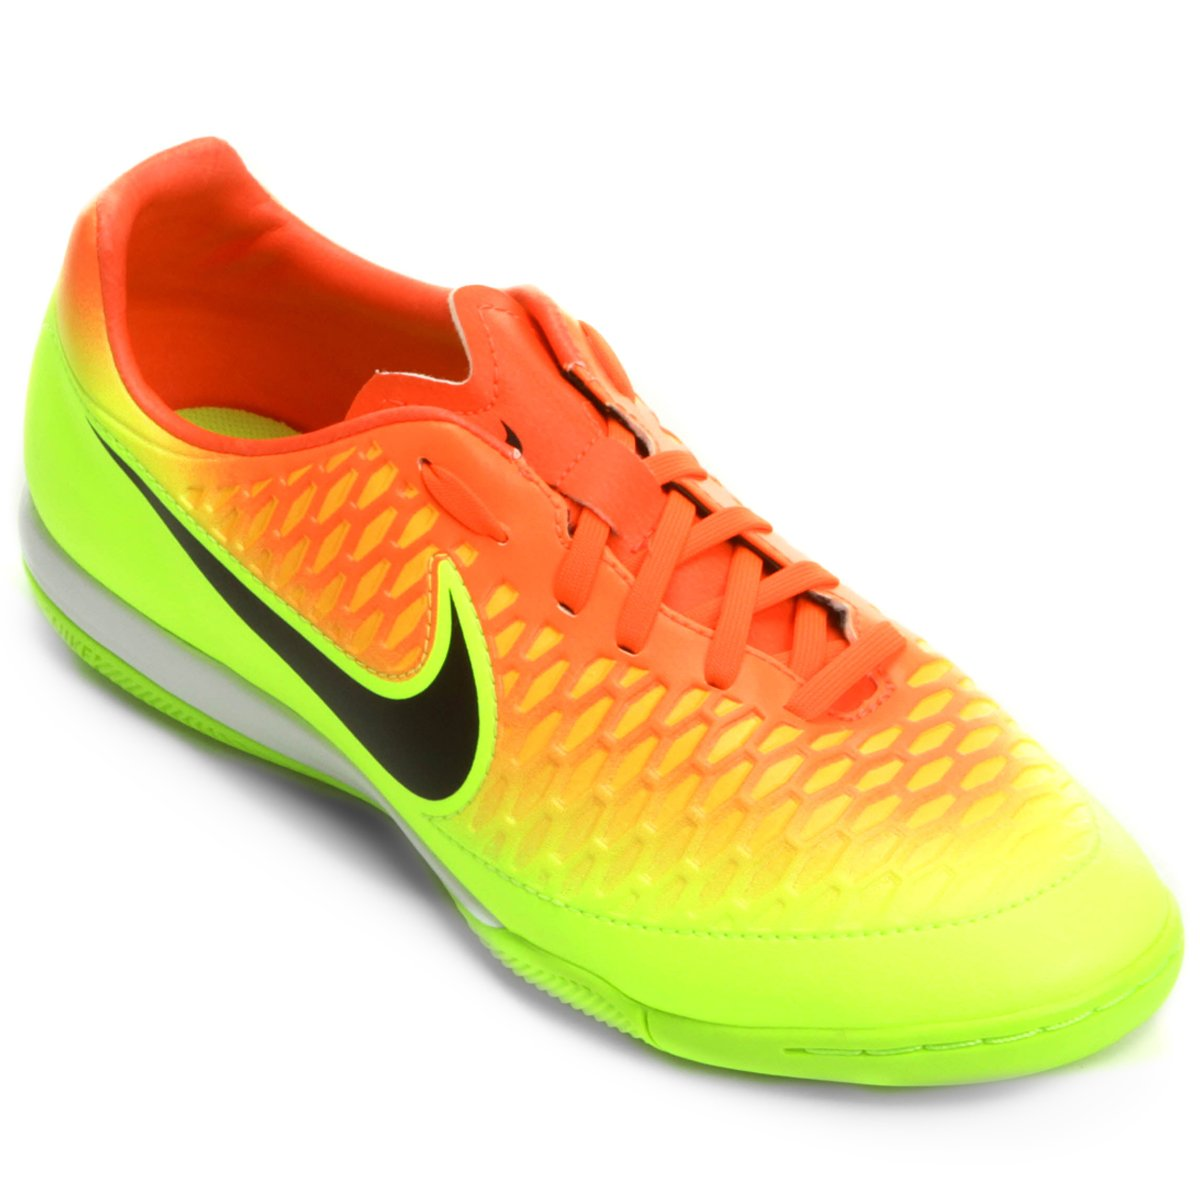 c73a531680de2 Chuteira Nike Magista Onda IC Futsal - Compre Agora